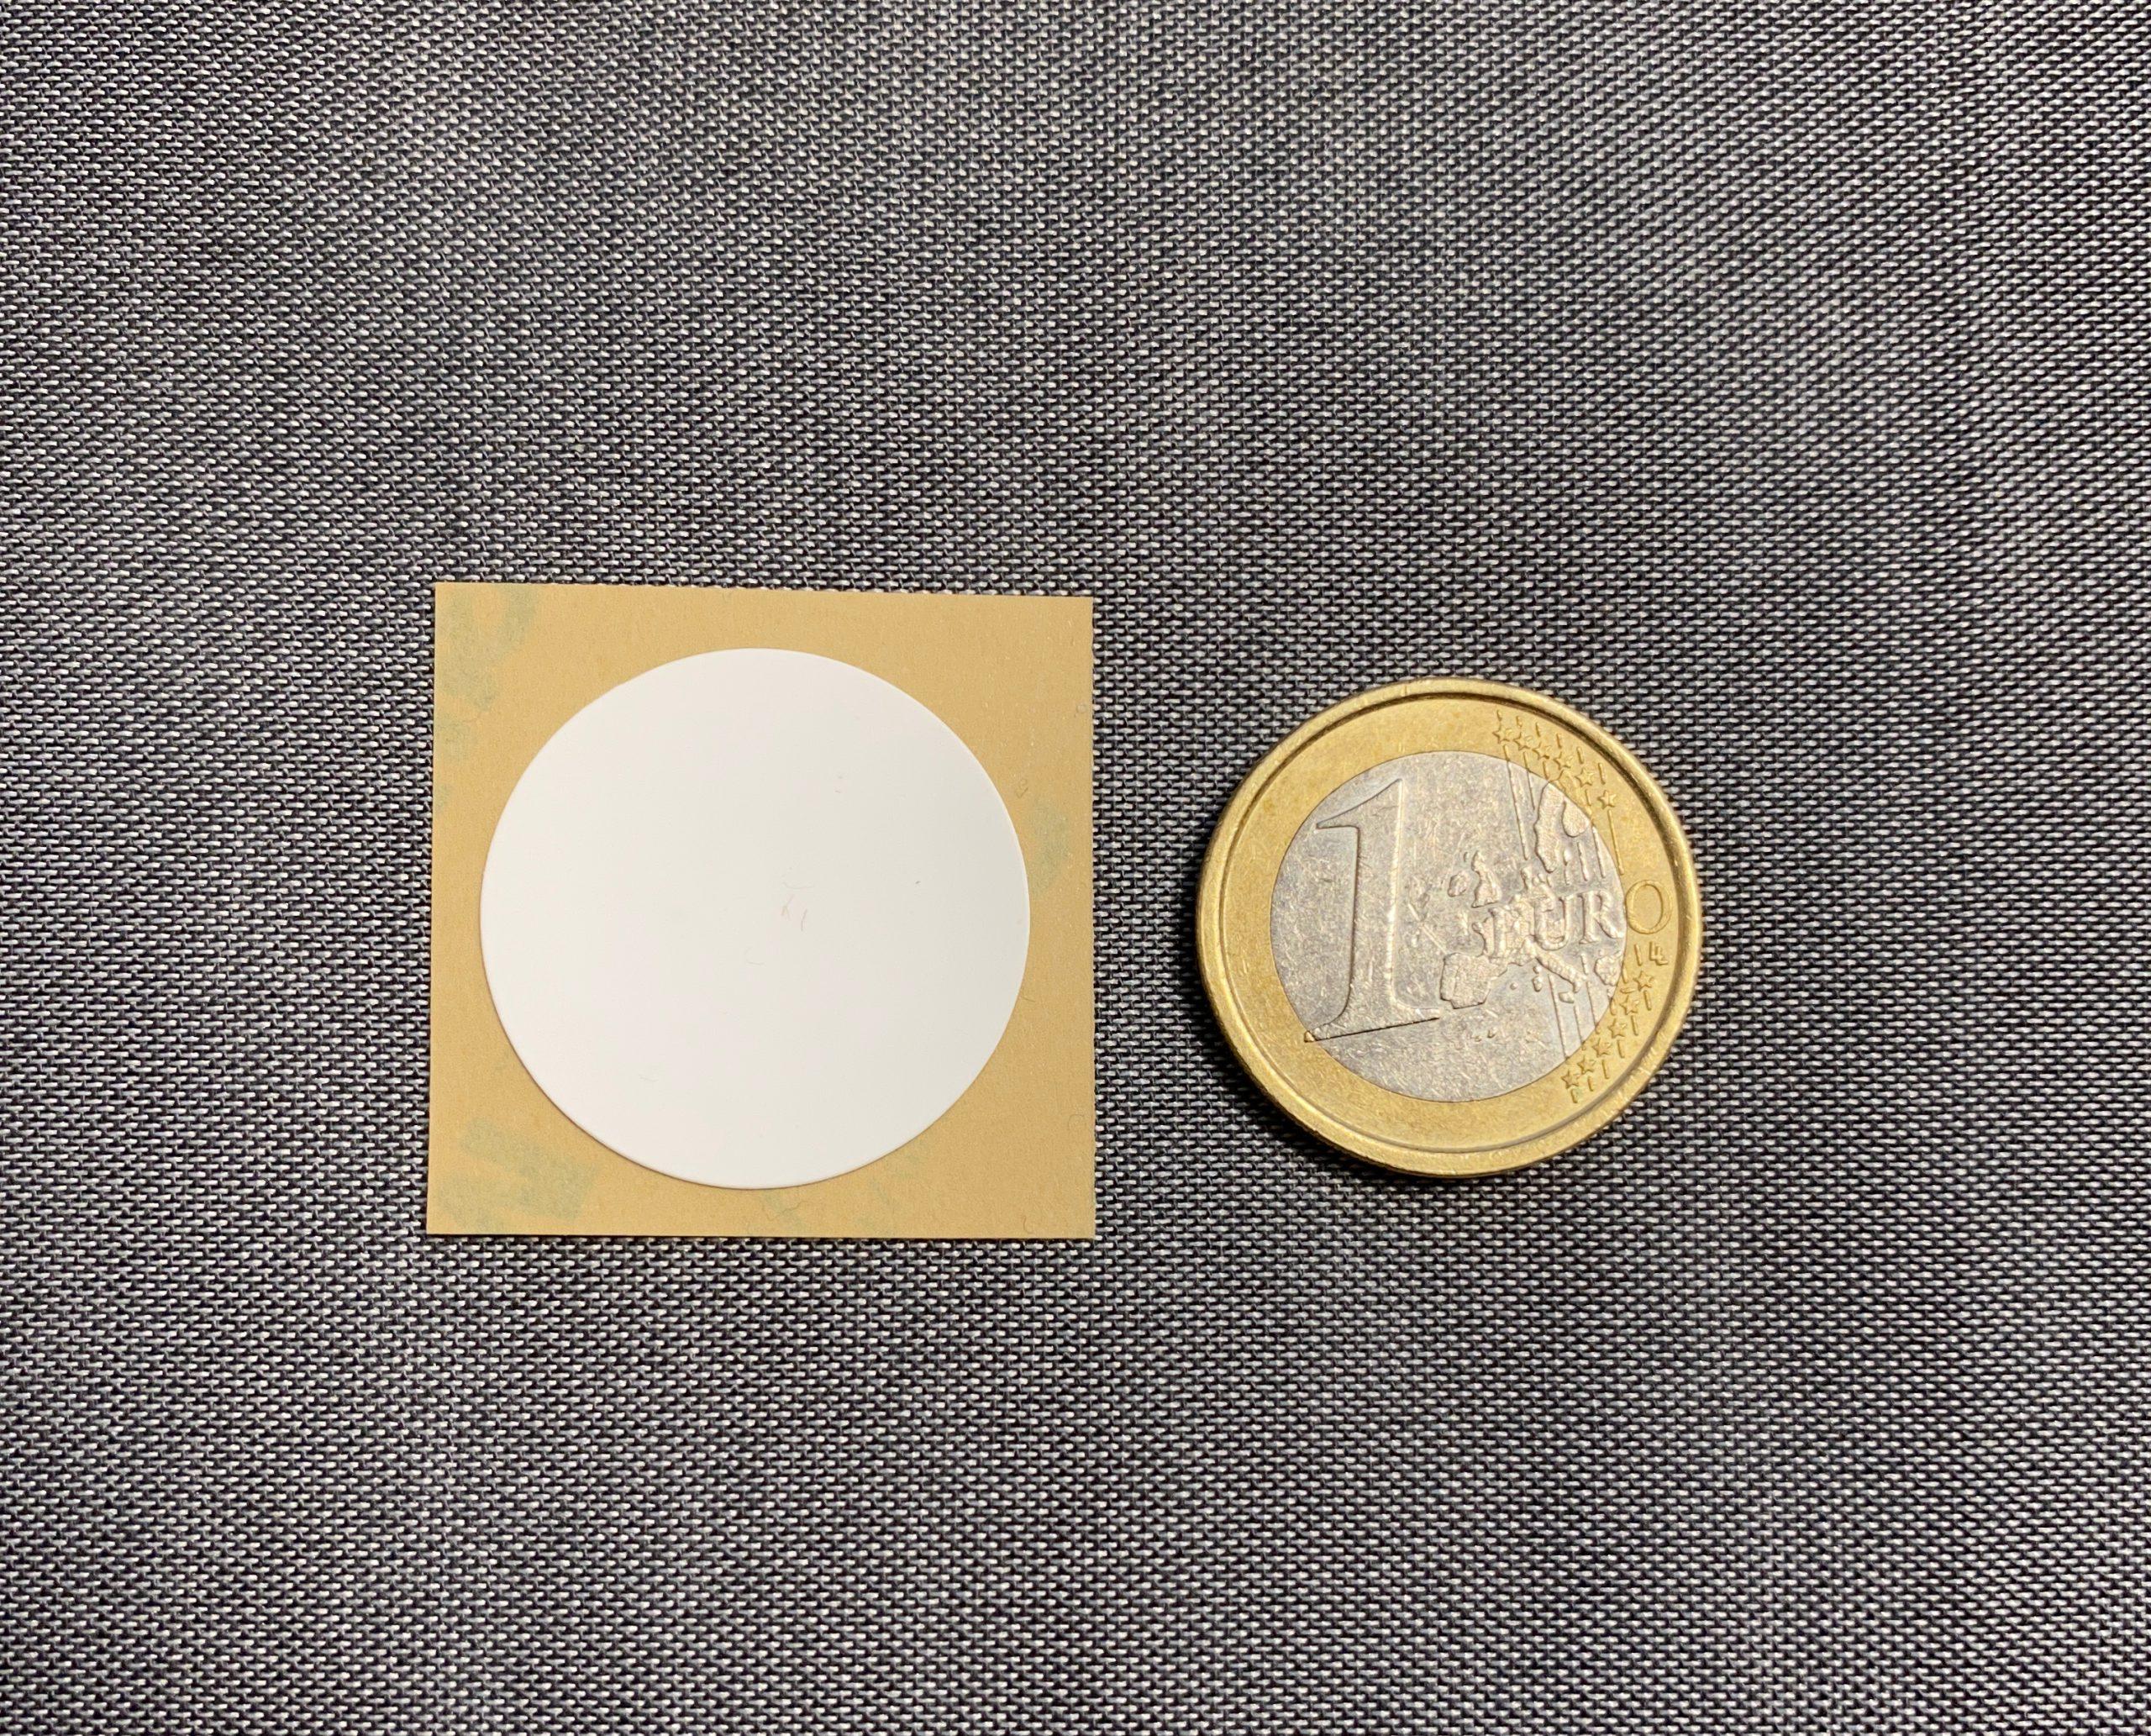 Größenvergleich eines NFC Tags mit einem 1 Euro Geldtsück